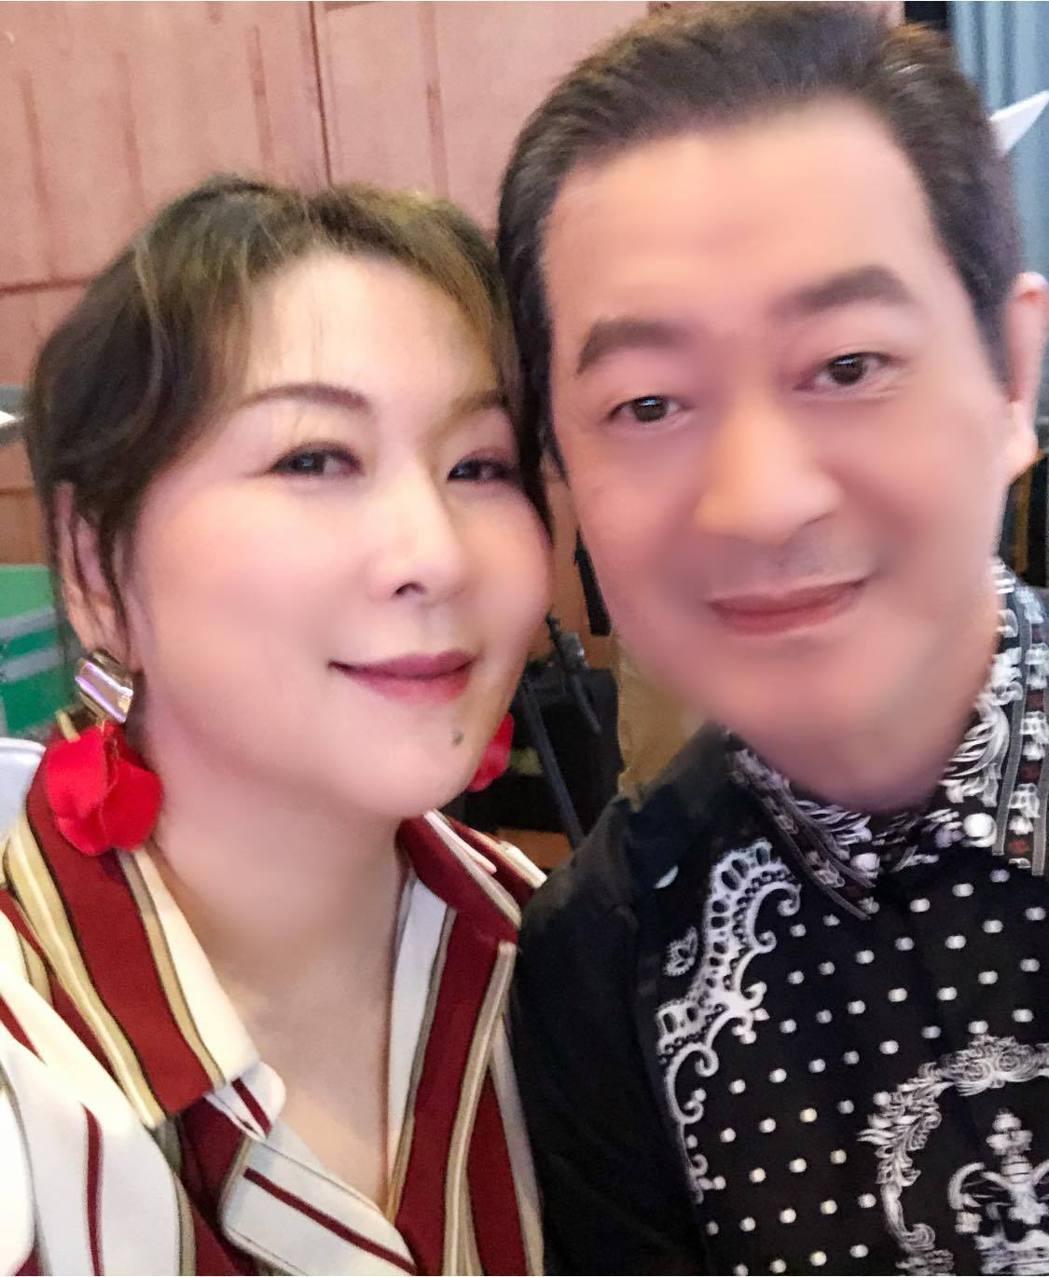 蔡小虎(右)曾形容張秀卿比江蕙還會唱,要她別再搞笑。圖/摘自臉書